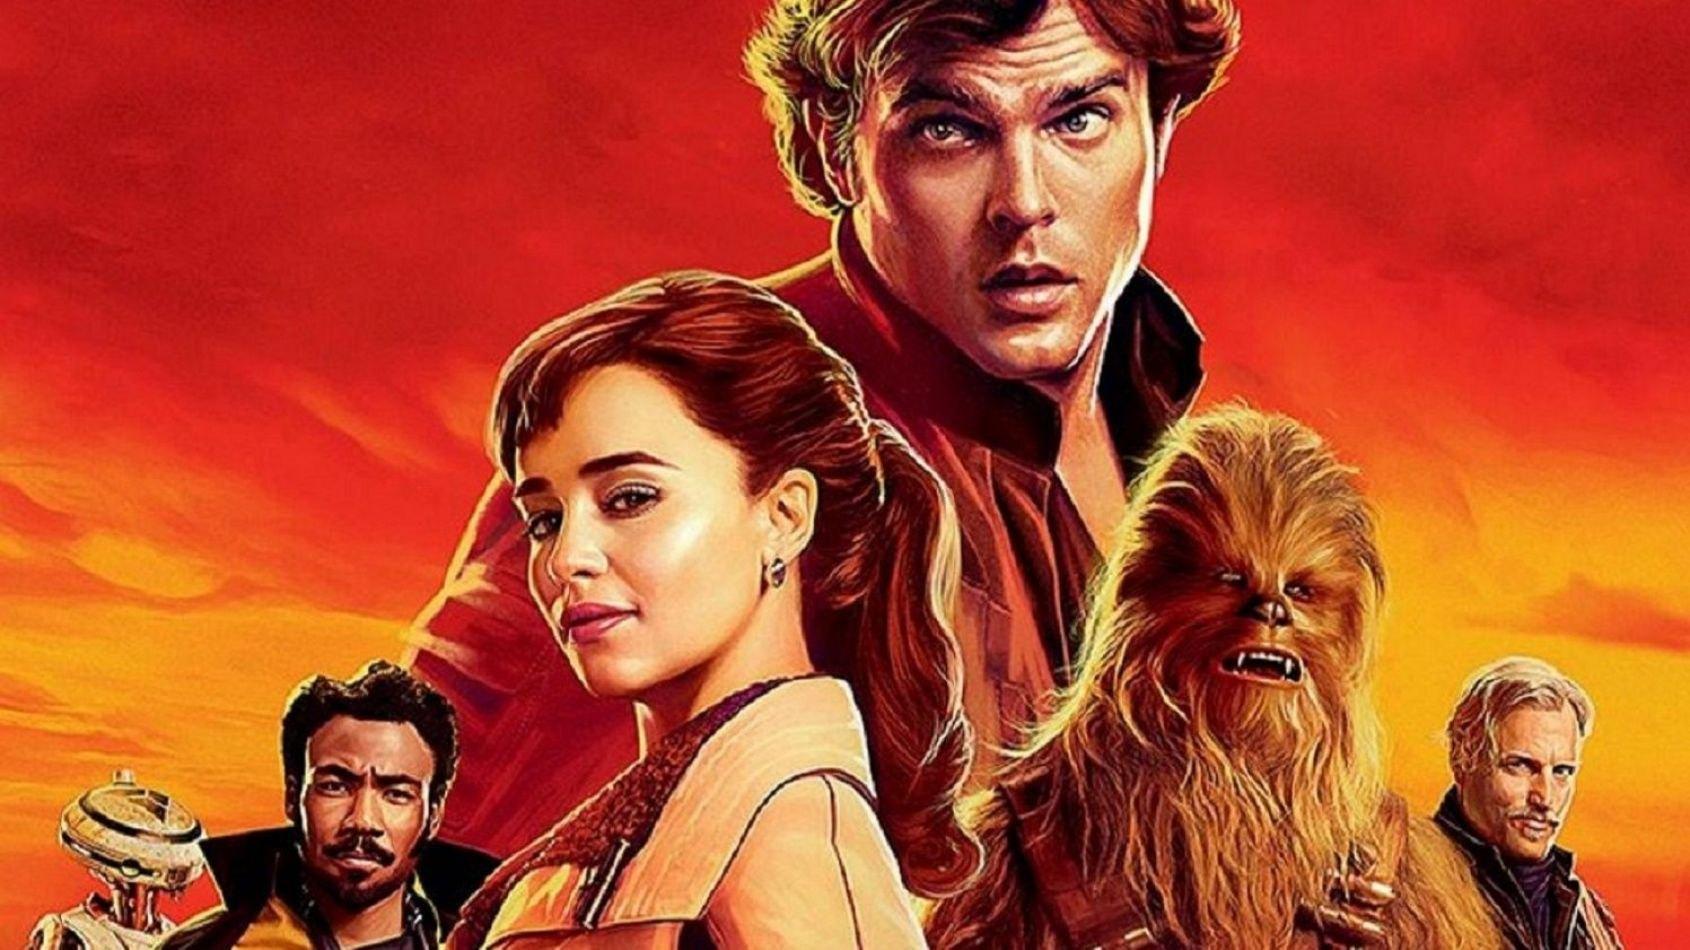 Le frère de Ron Howard présent dans Solo A Star Wars Story